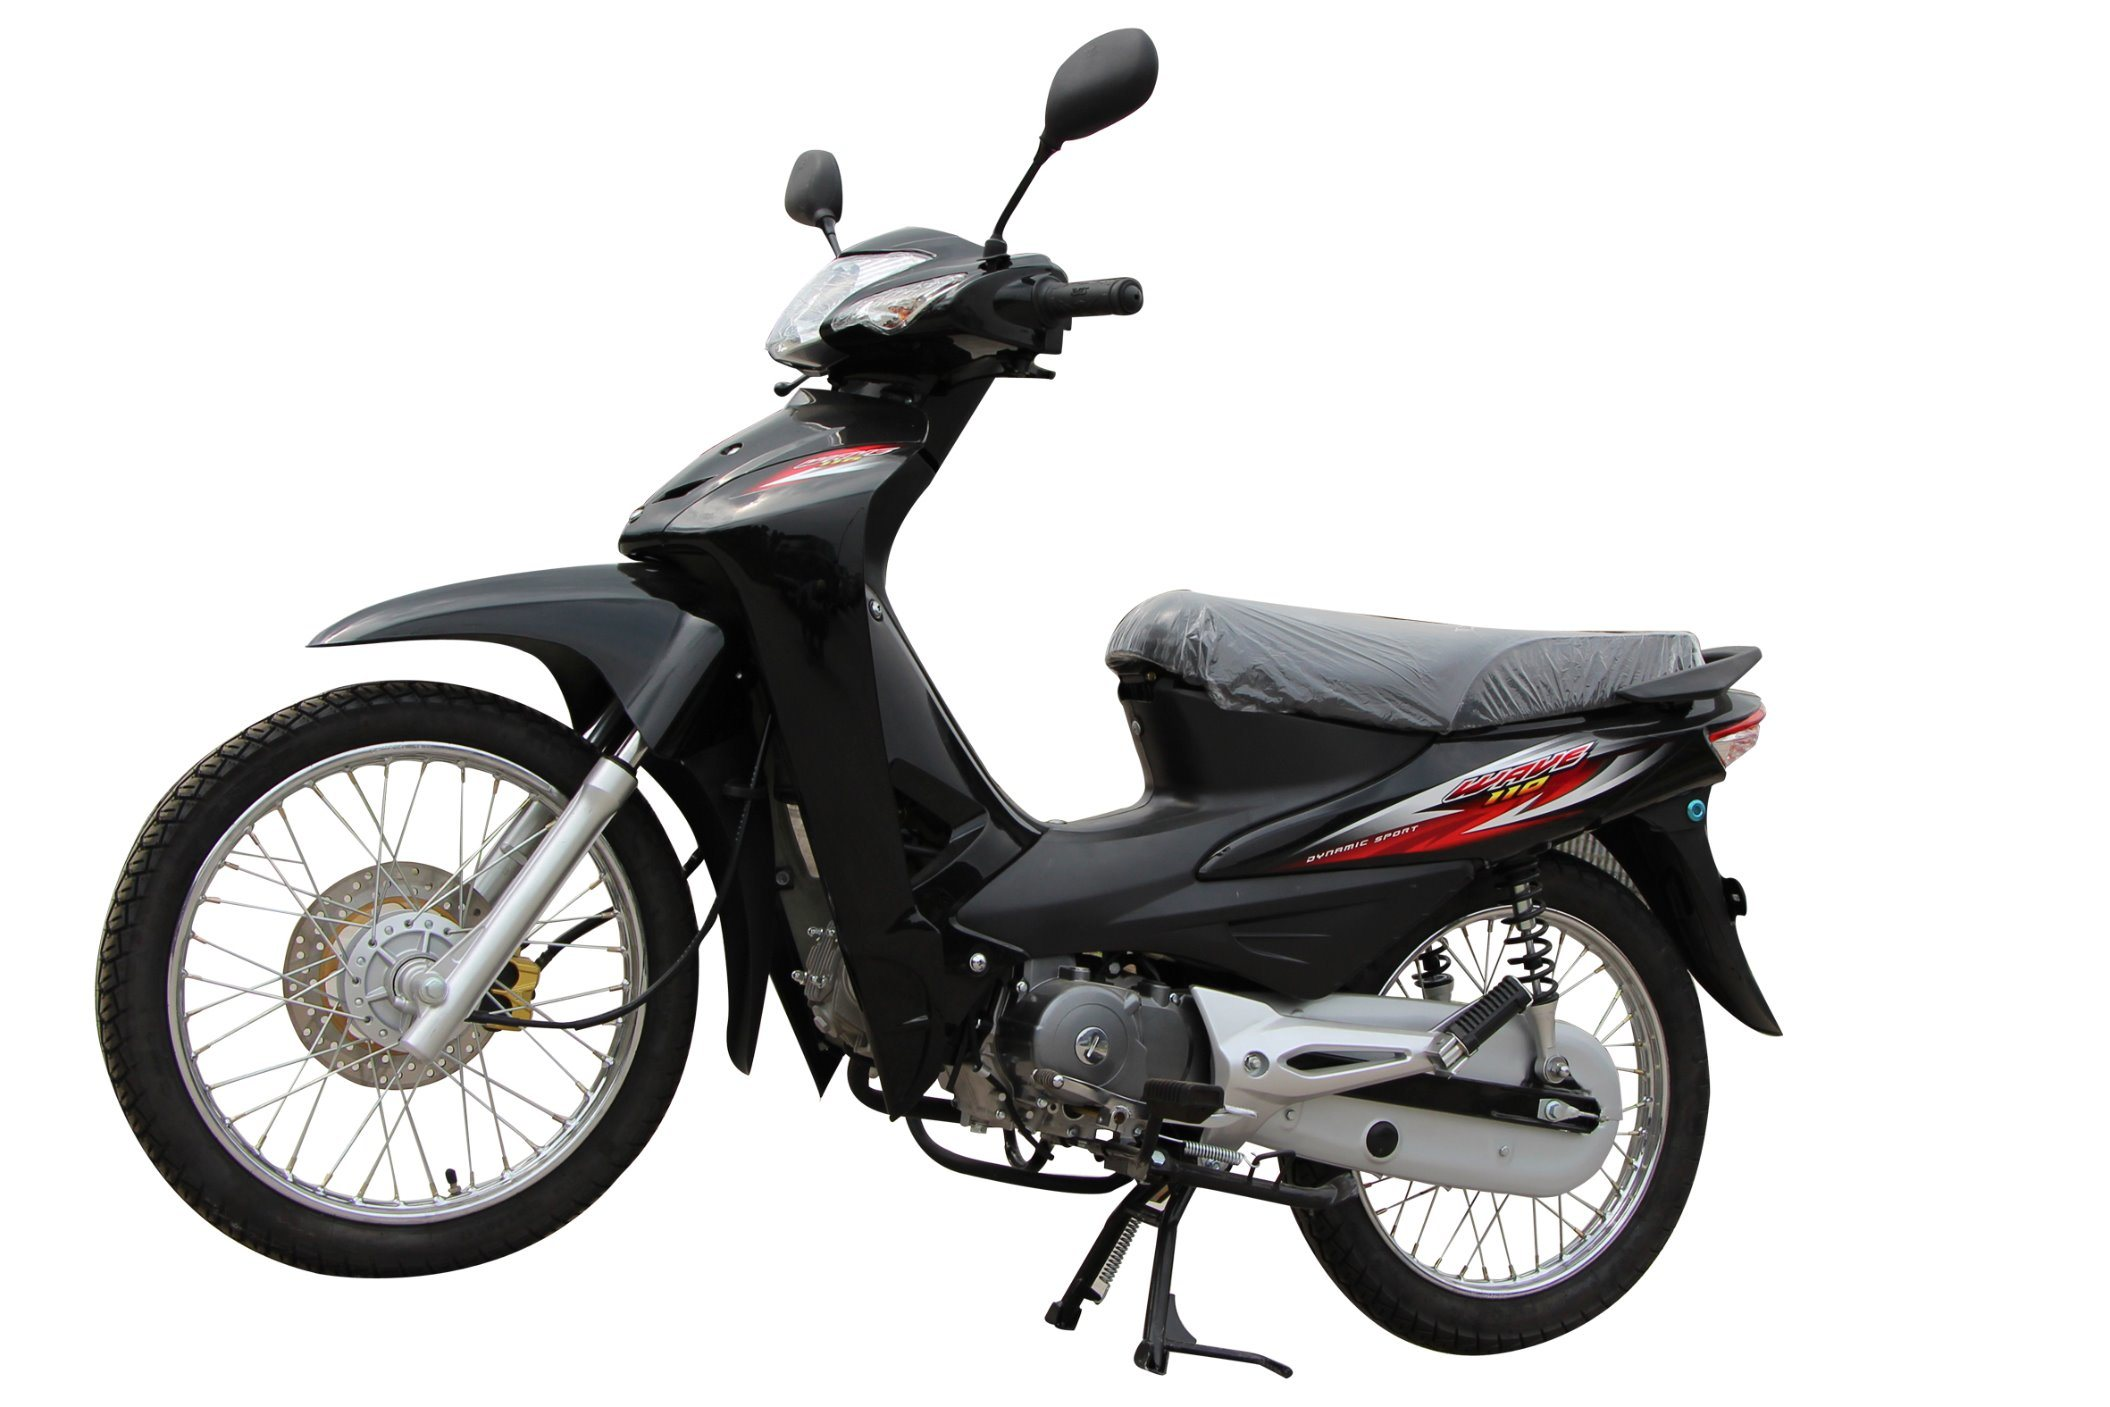 125cc Cub Motor